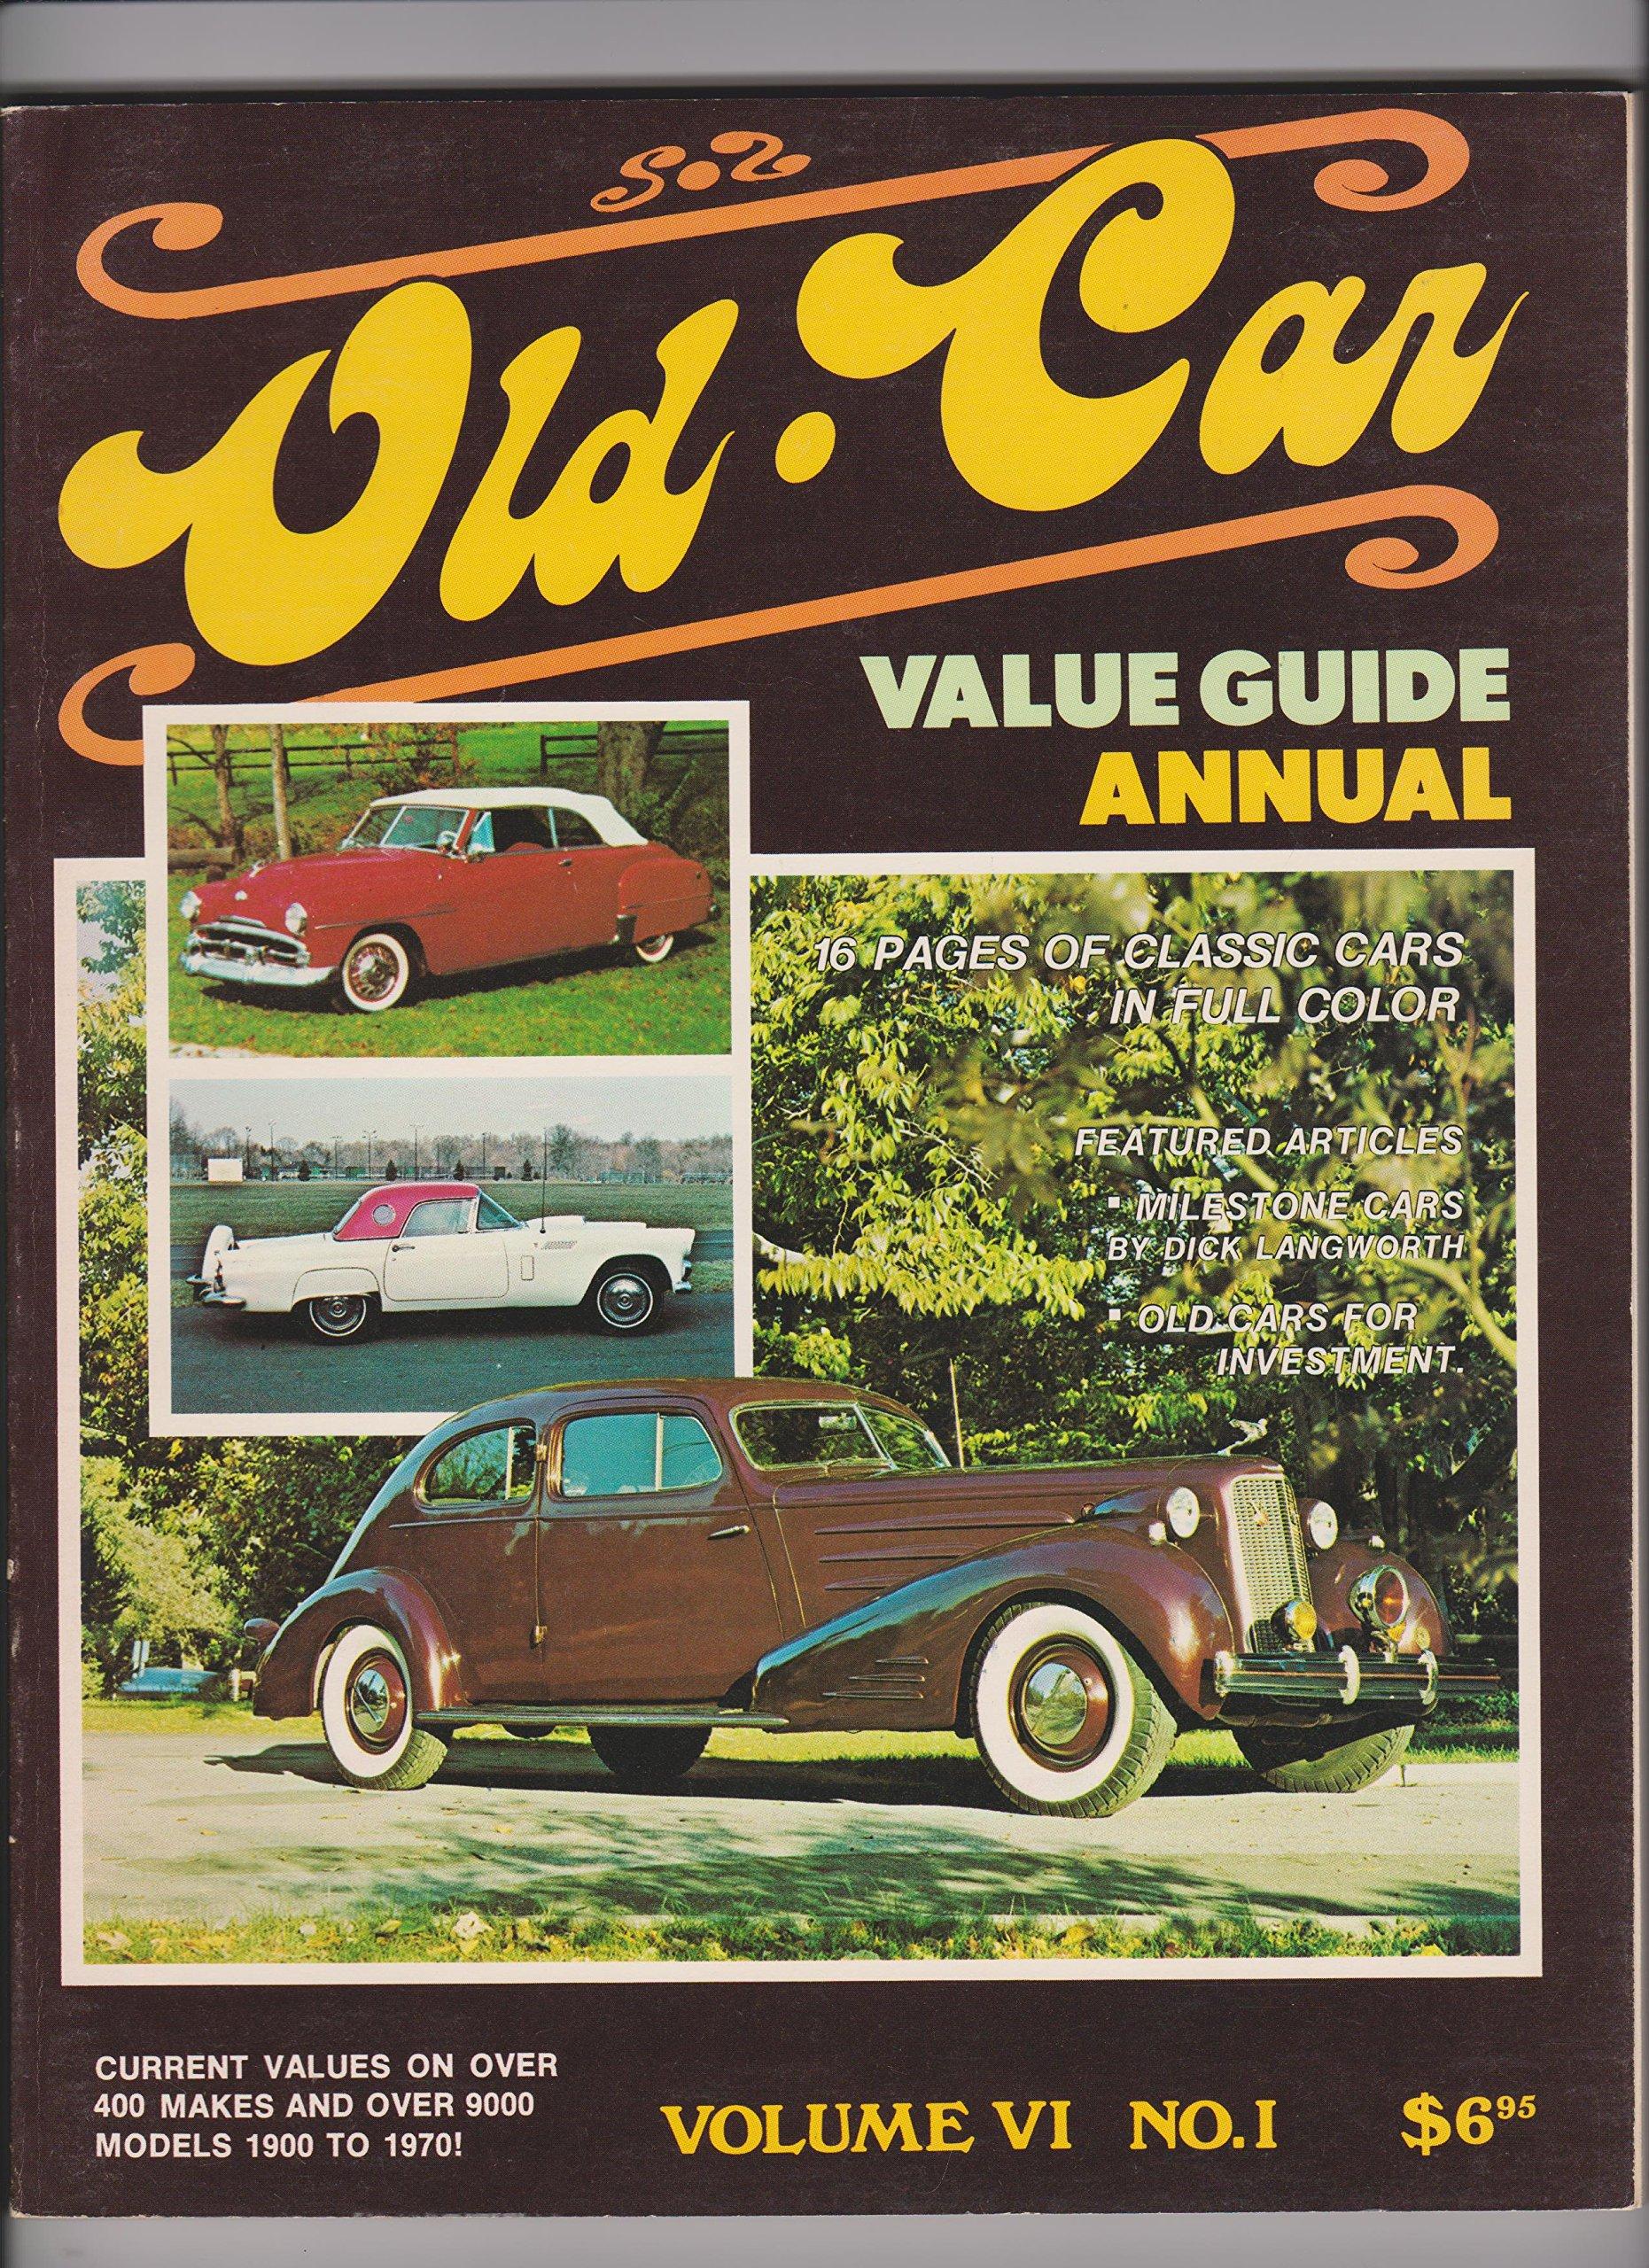 Old Car Values >> Old Car Value Guide Annual Vol Vi No 1 1977 Amazon Com Books